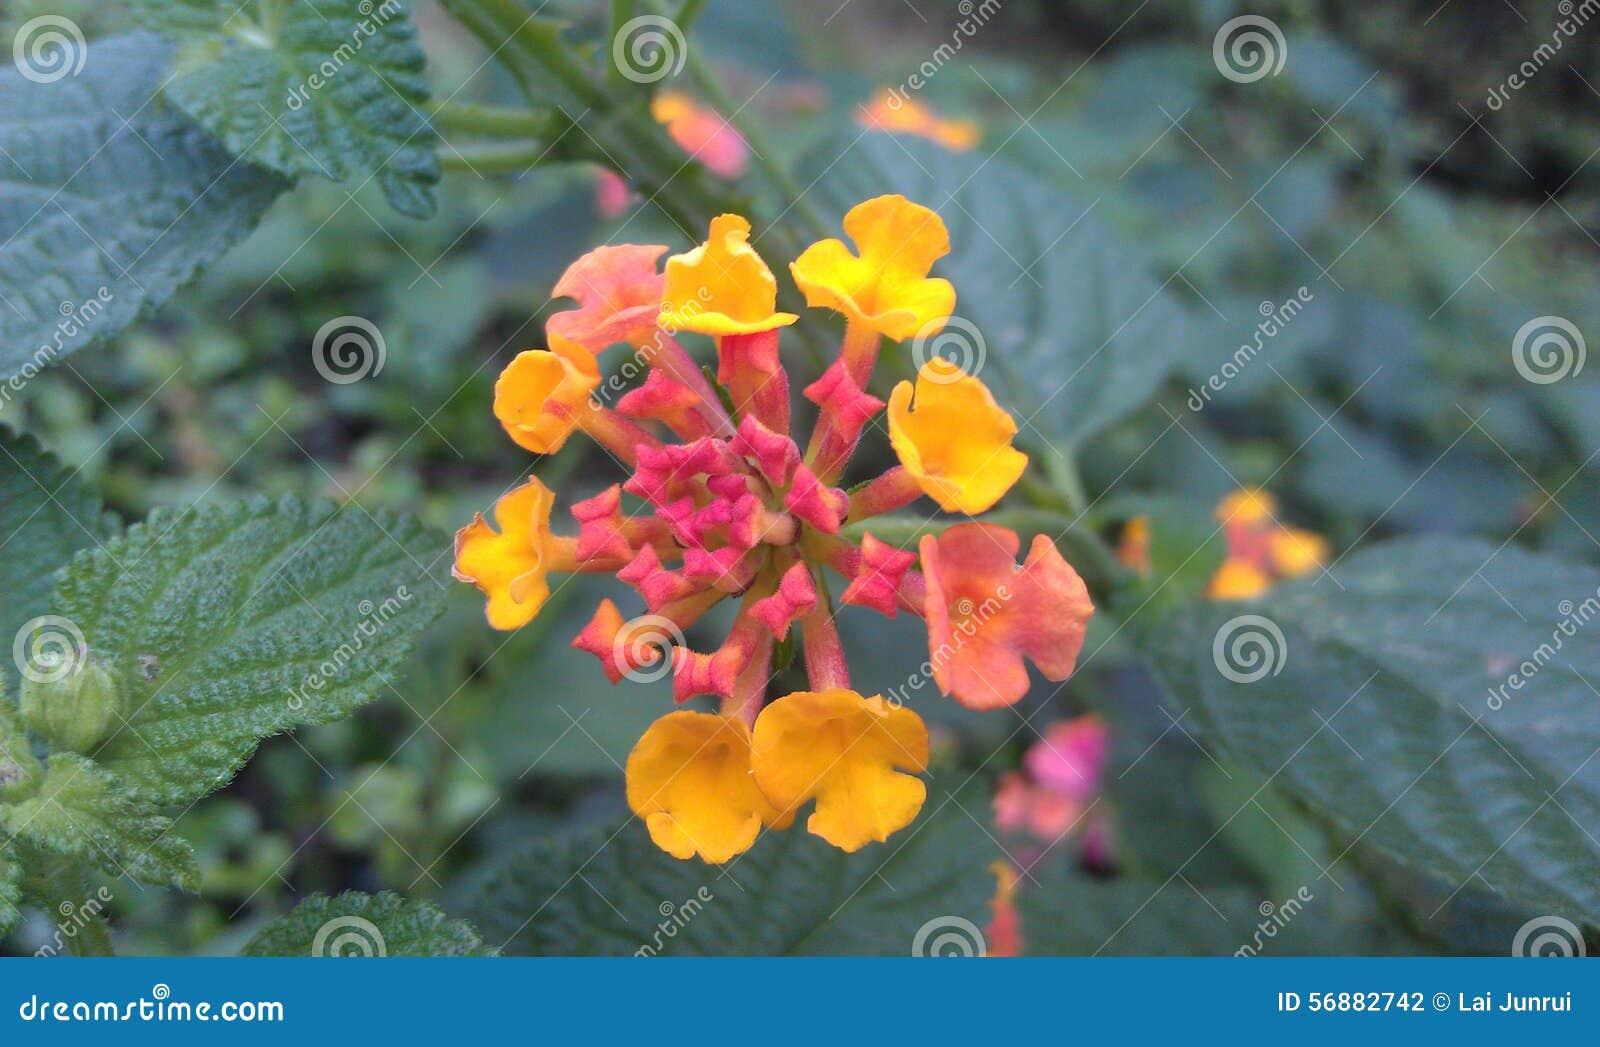 flor de jardim amarela:Flor amarela e vermelha